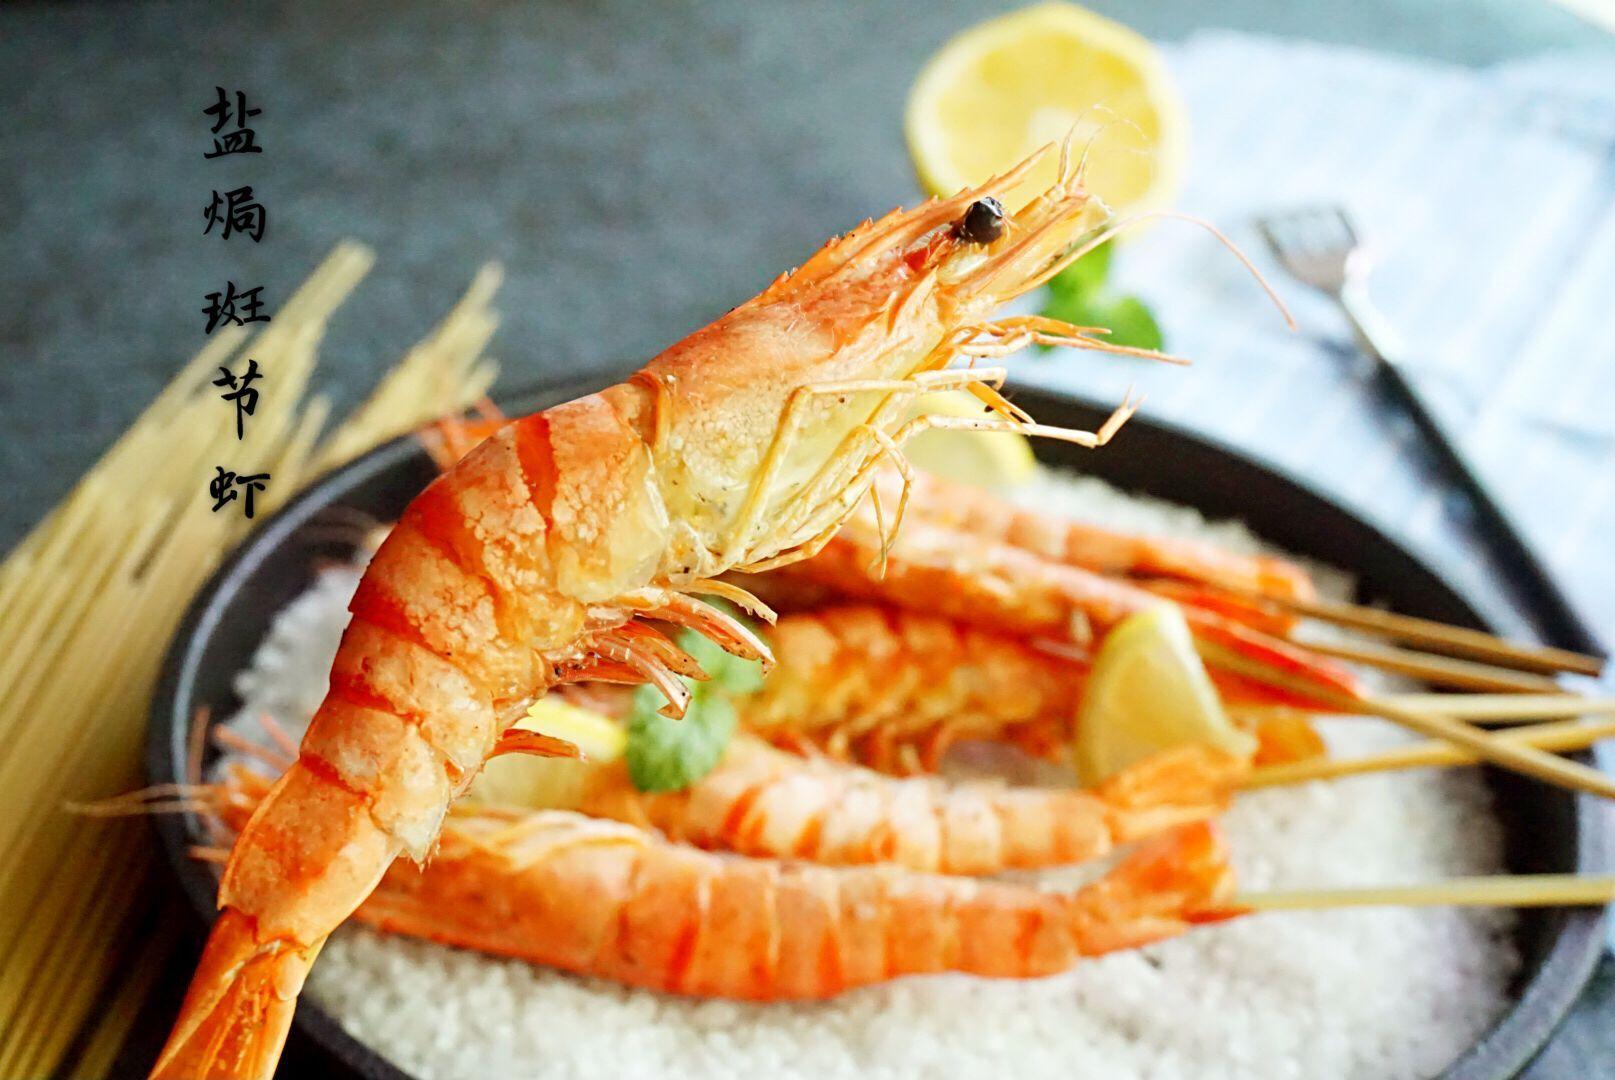 有了鲜虾别再油焖,埋没了它的鲜就是你的错